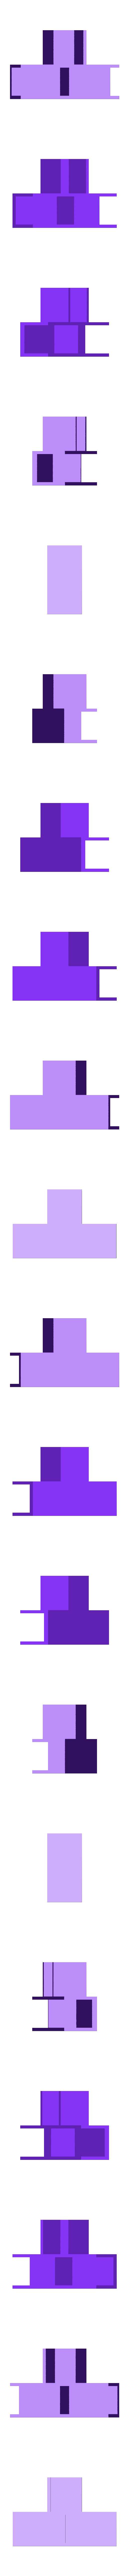 support kapla T.stl Télécharger fichier STL gratuit support pour jeu kapla • Modèle pour impression 3D, jerometheuil